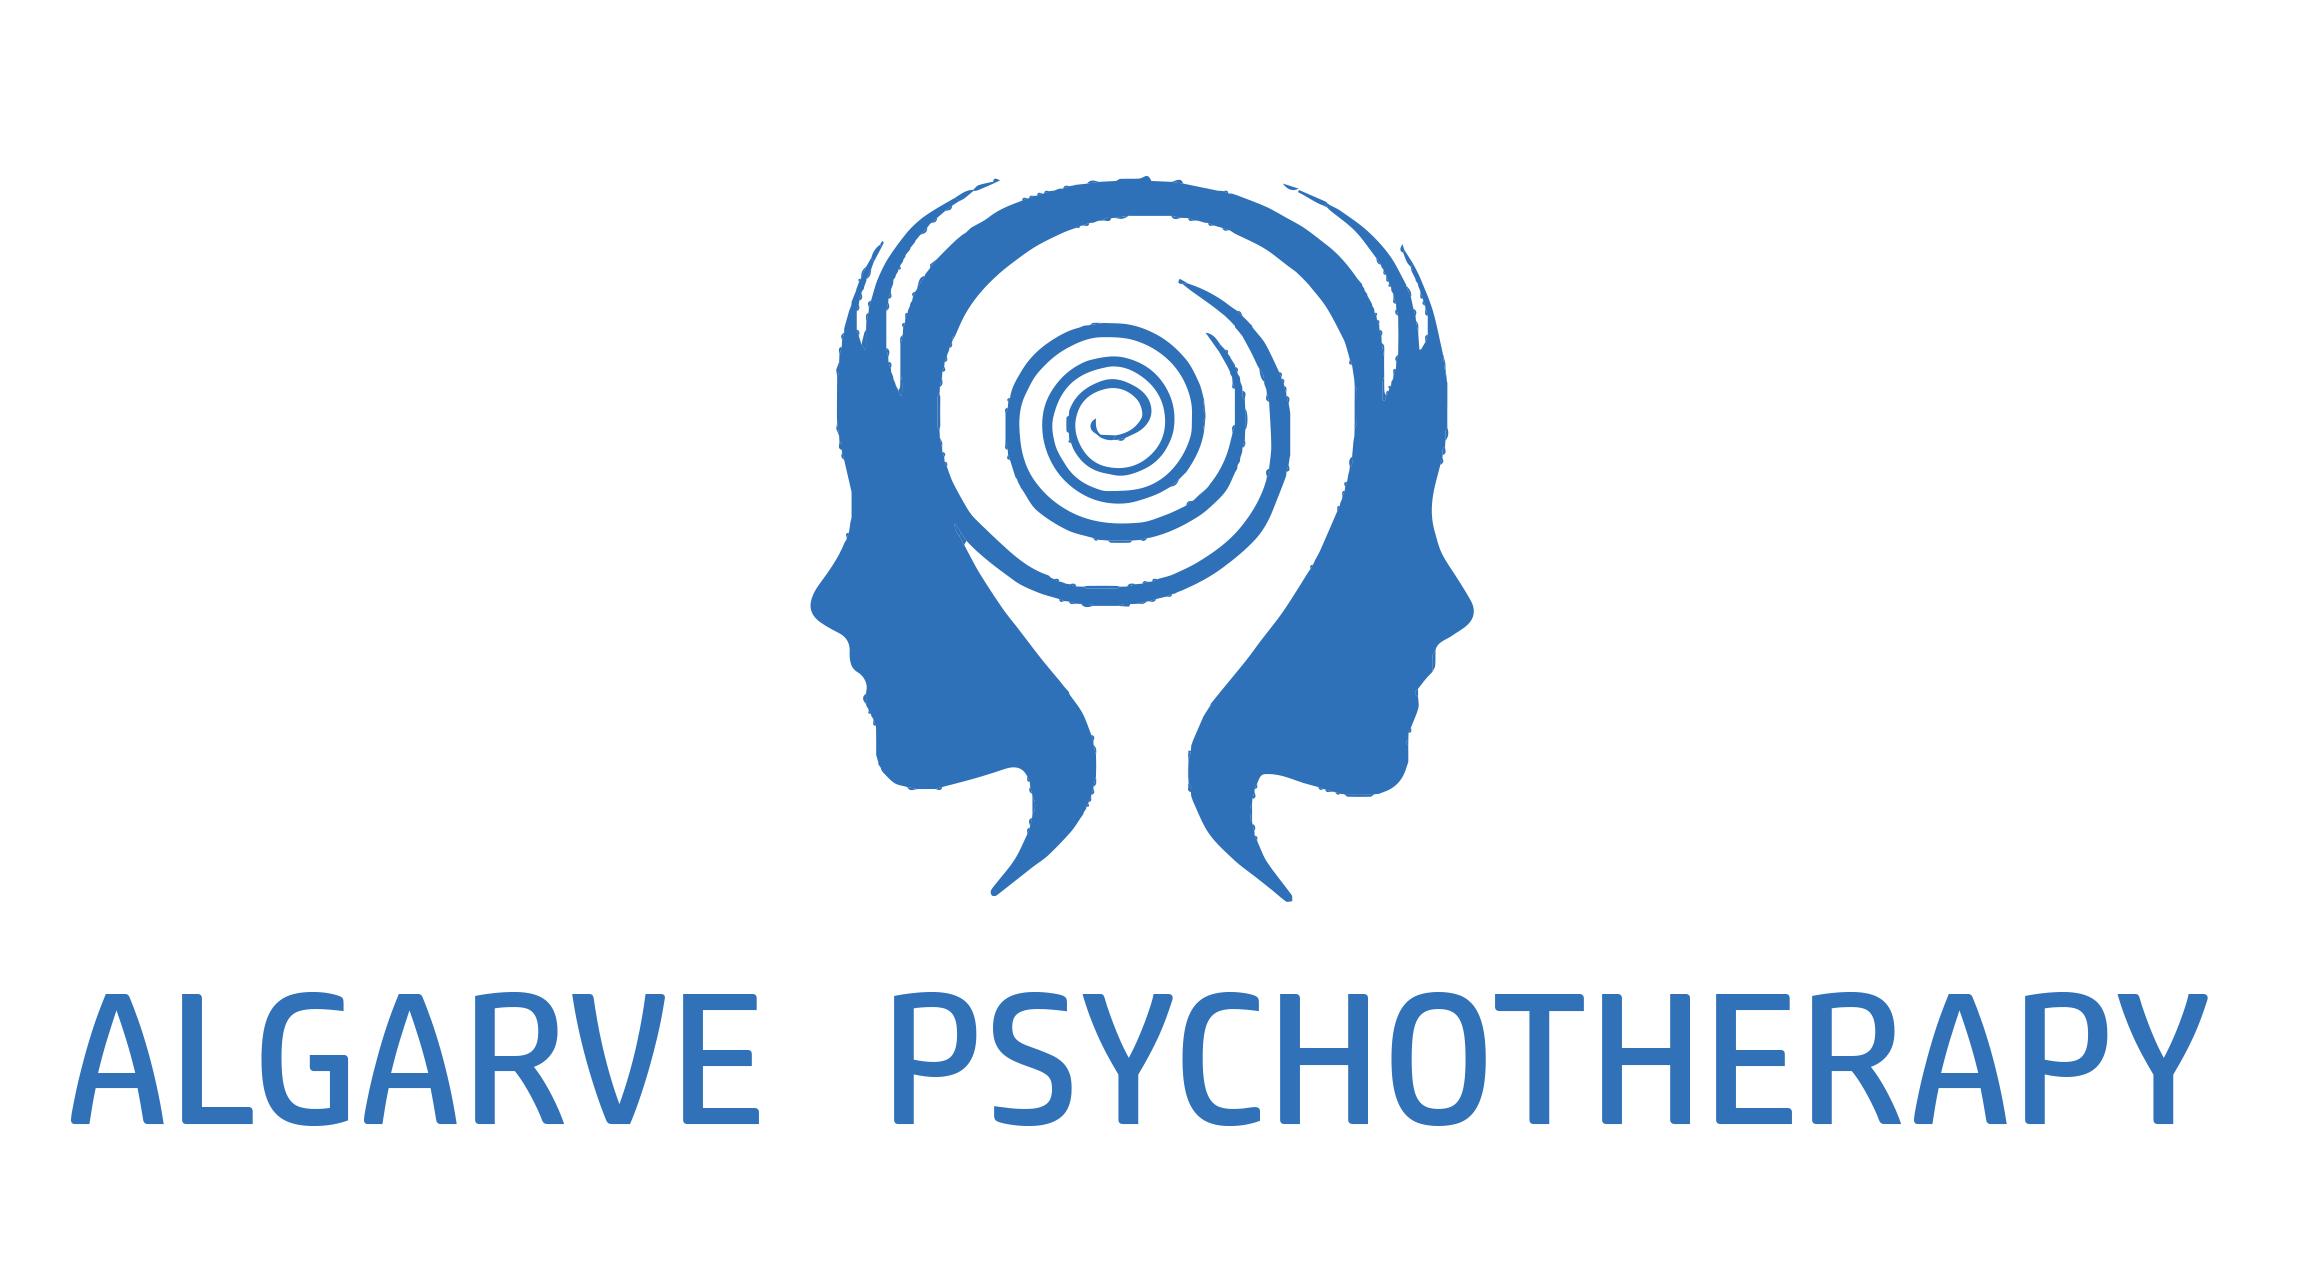 Algarve Psychotherapy